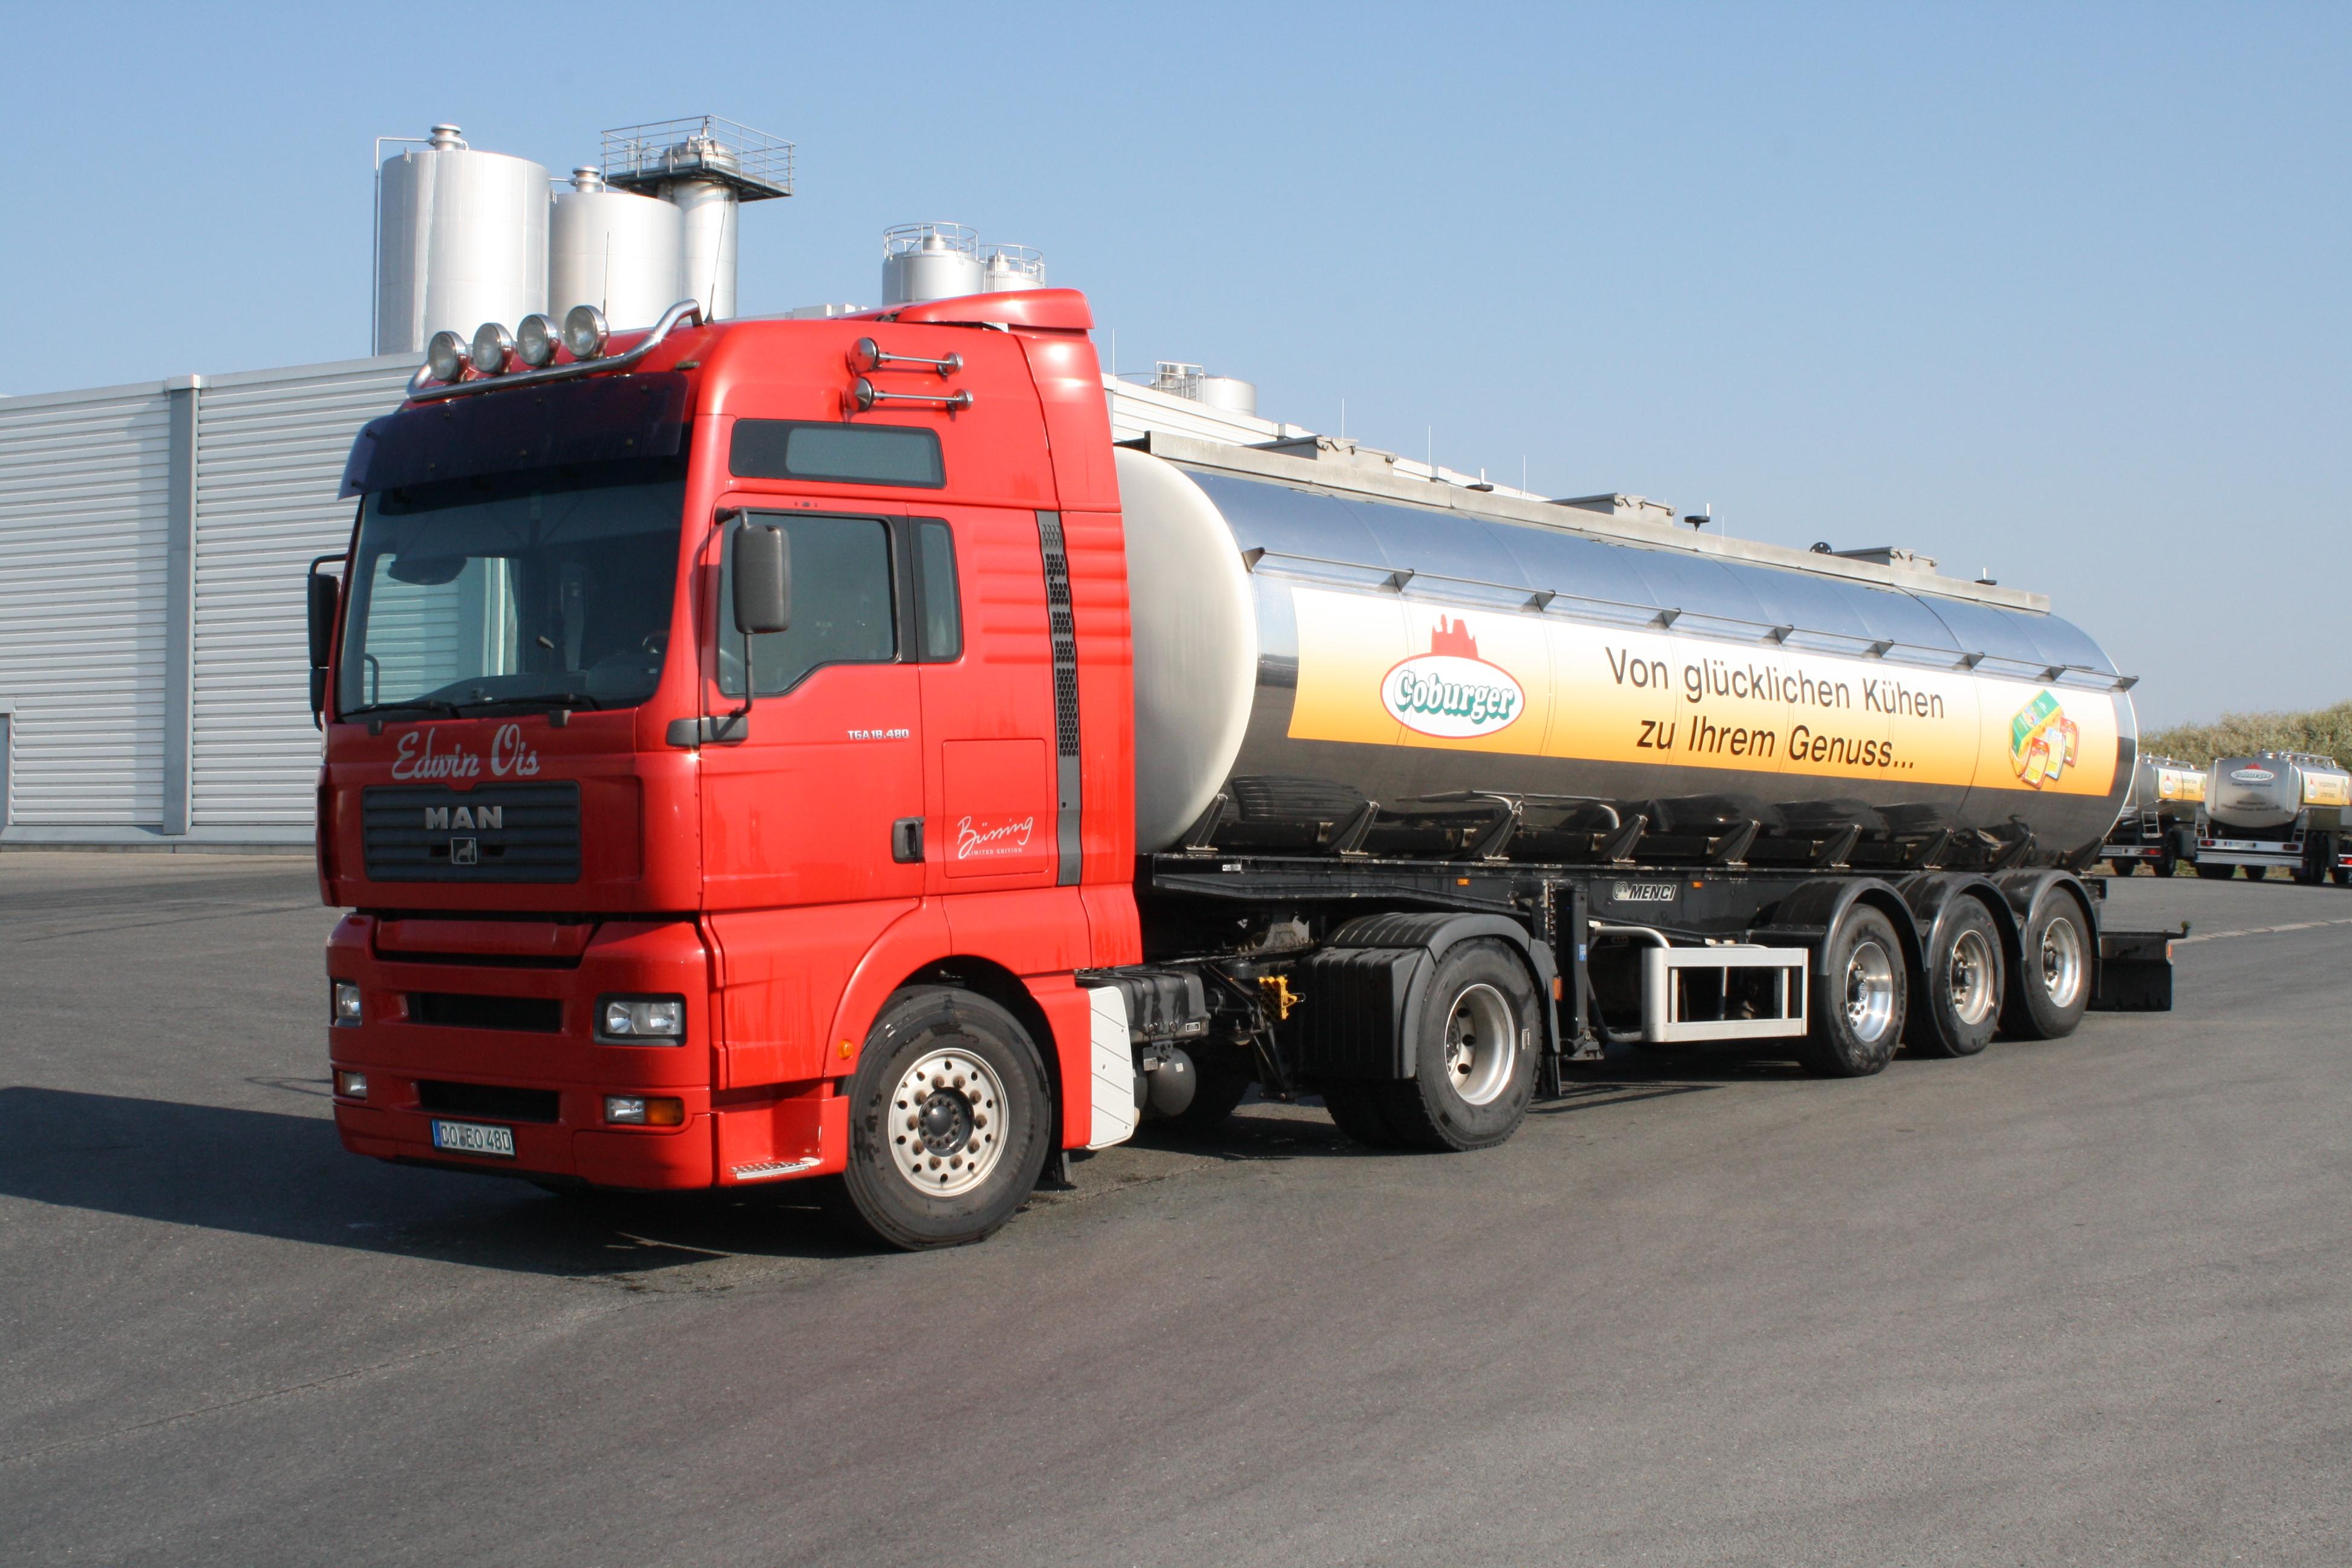 Es werden inzwischen täglich 1.000.000 Liter Milch verarbeitet.